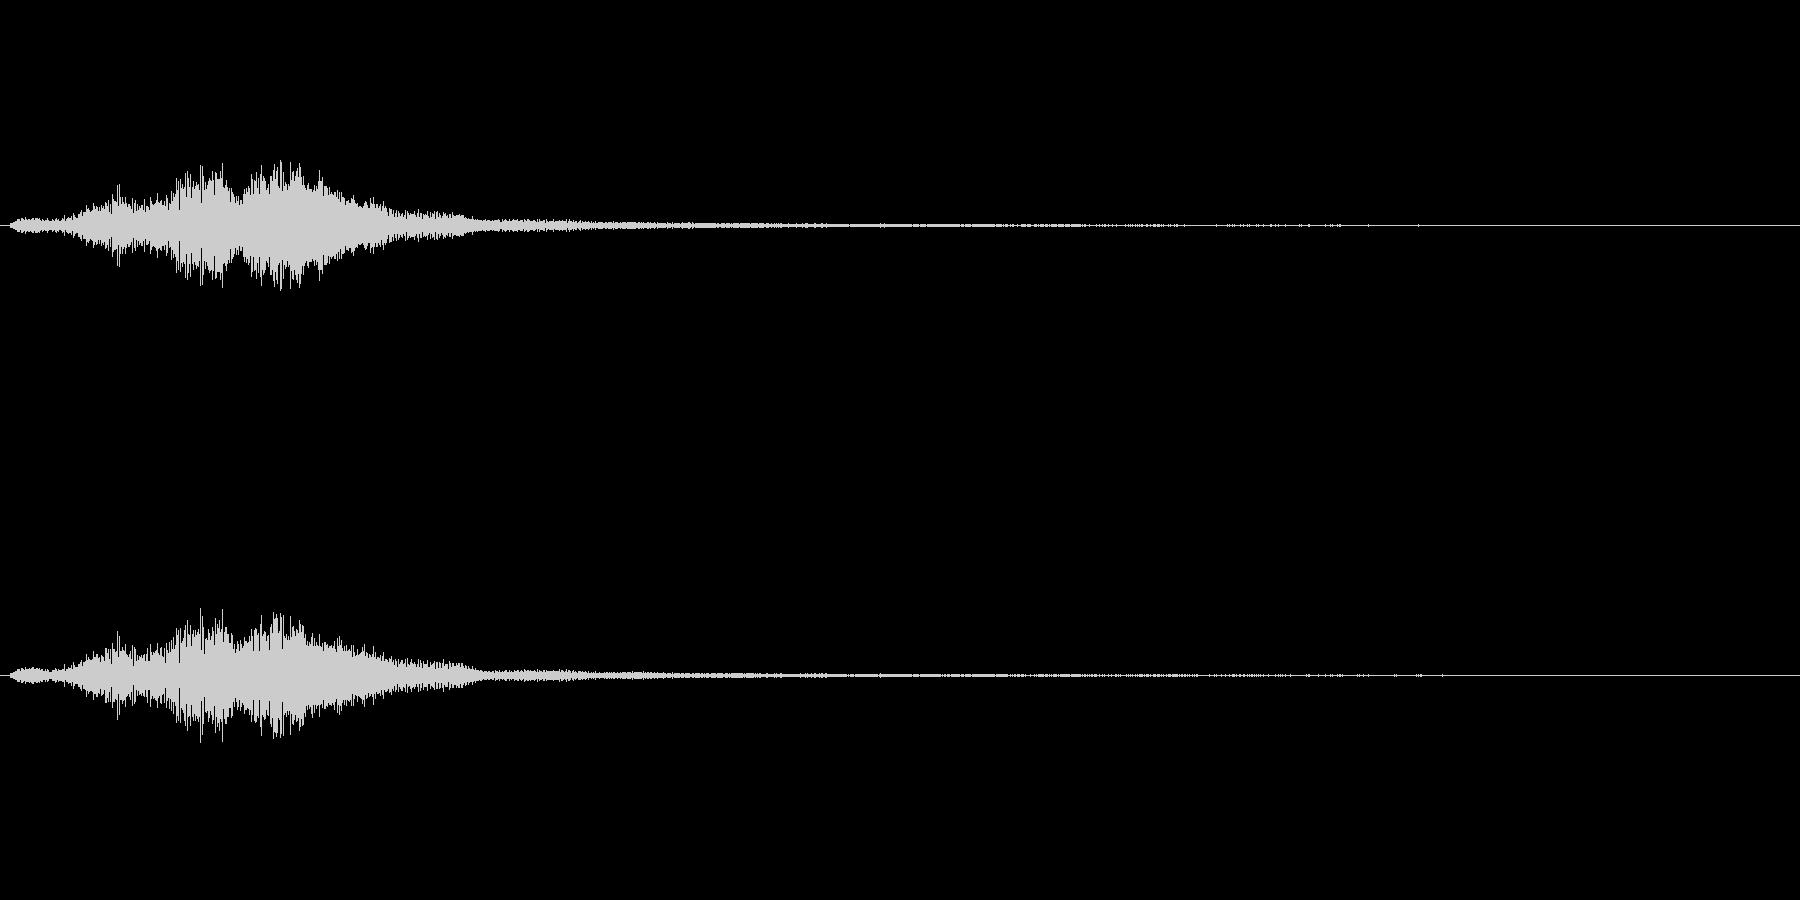 ハープグリッサンド上行3回~Aの未再生の波形